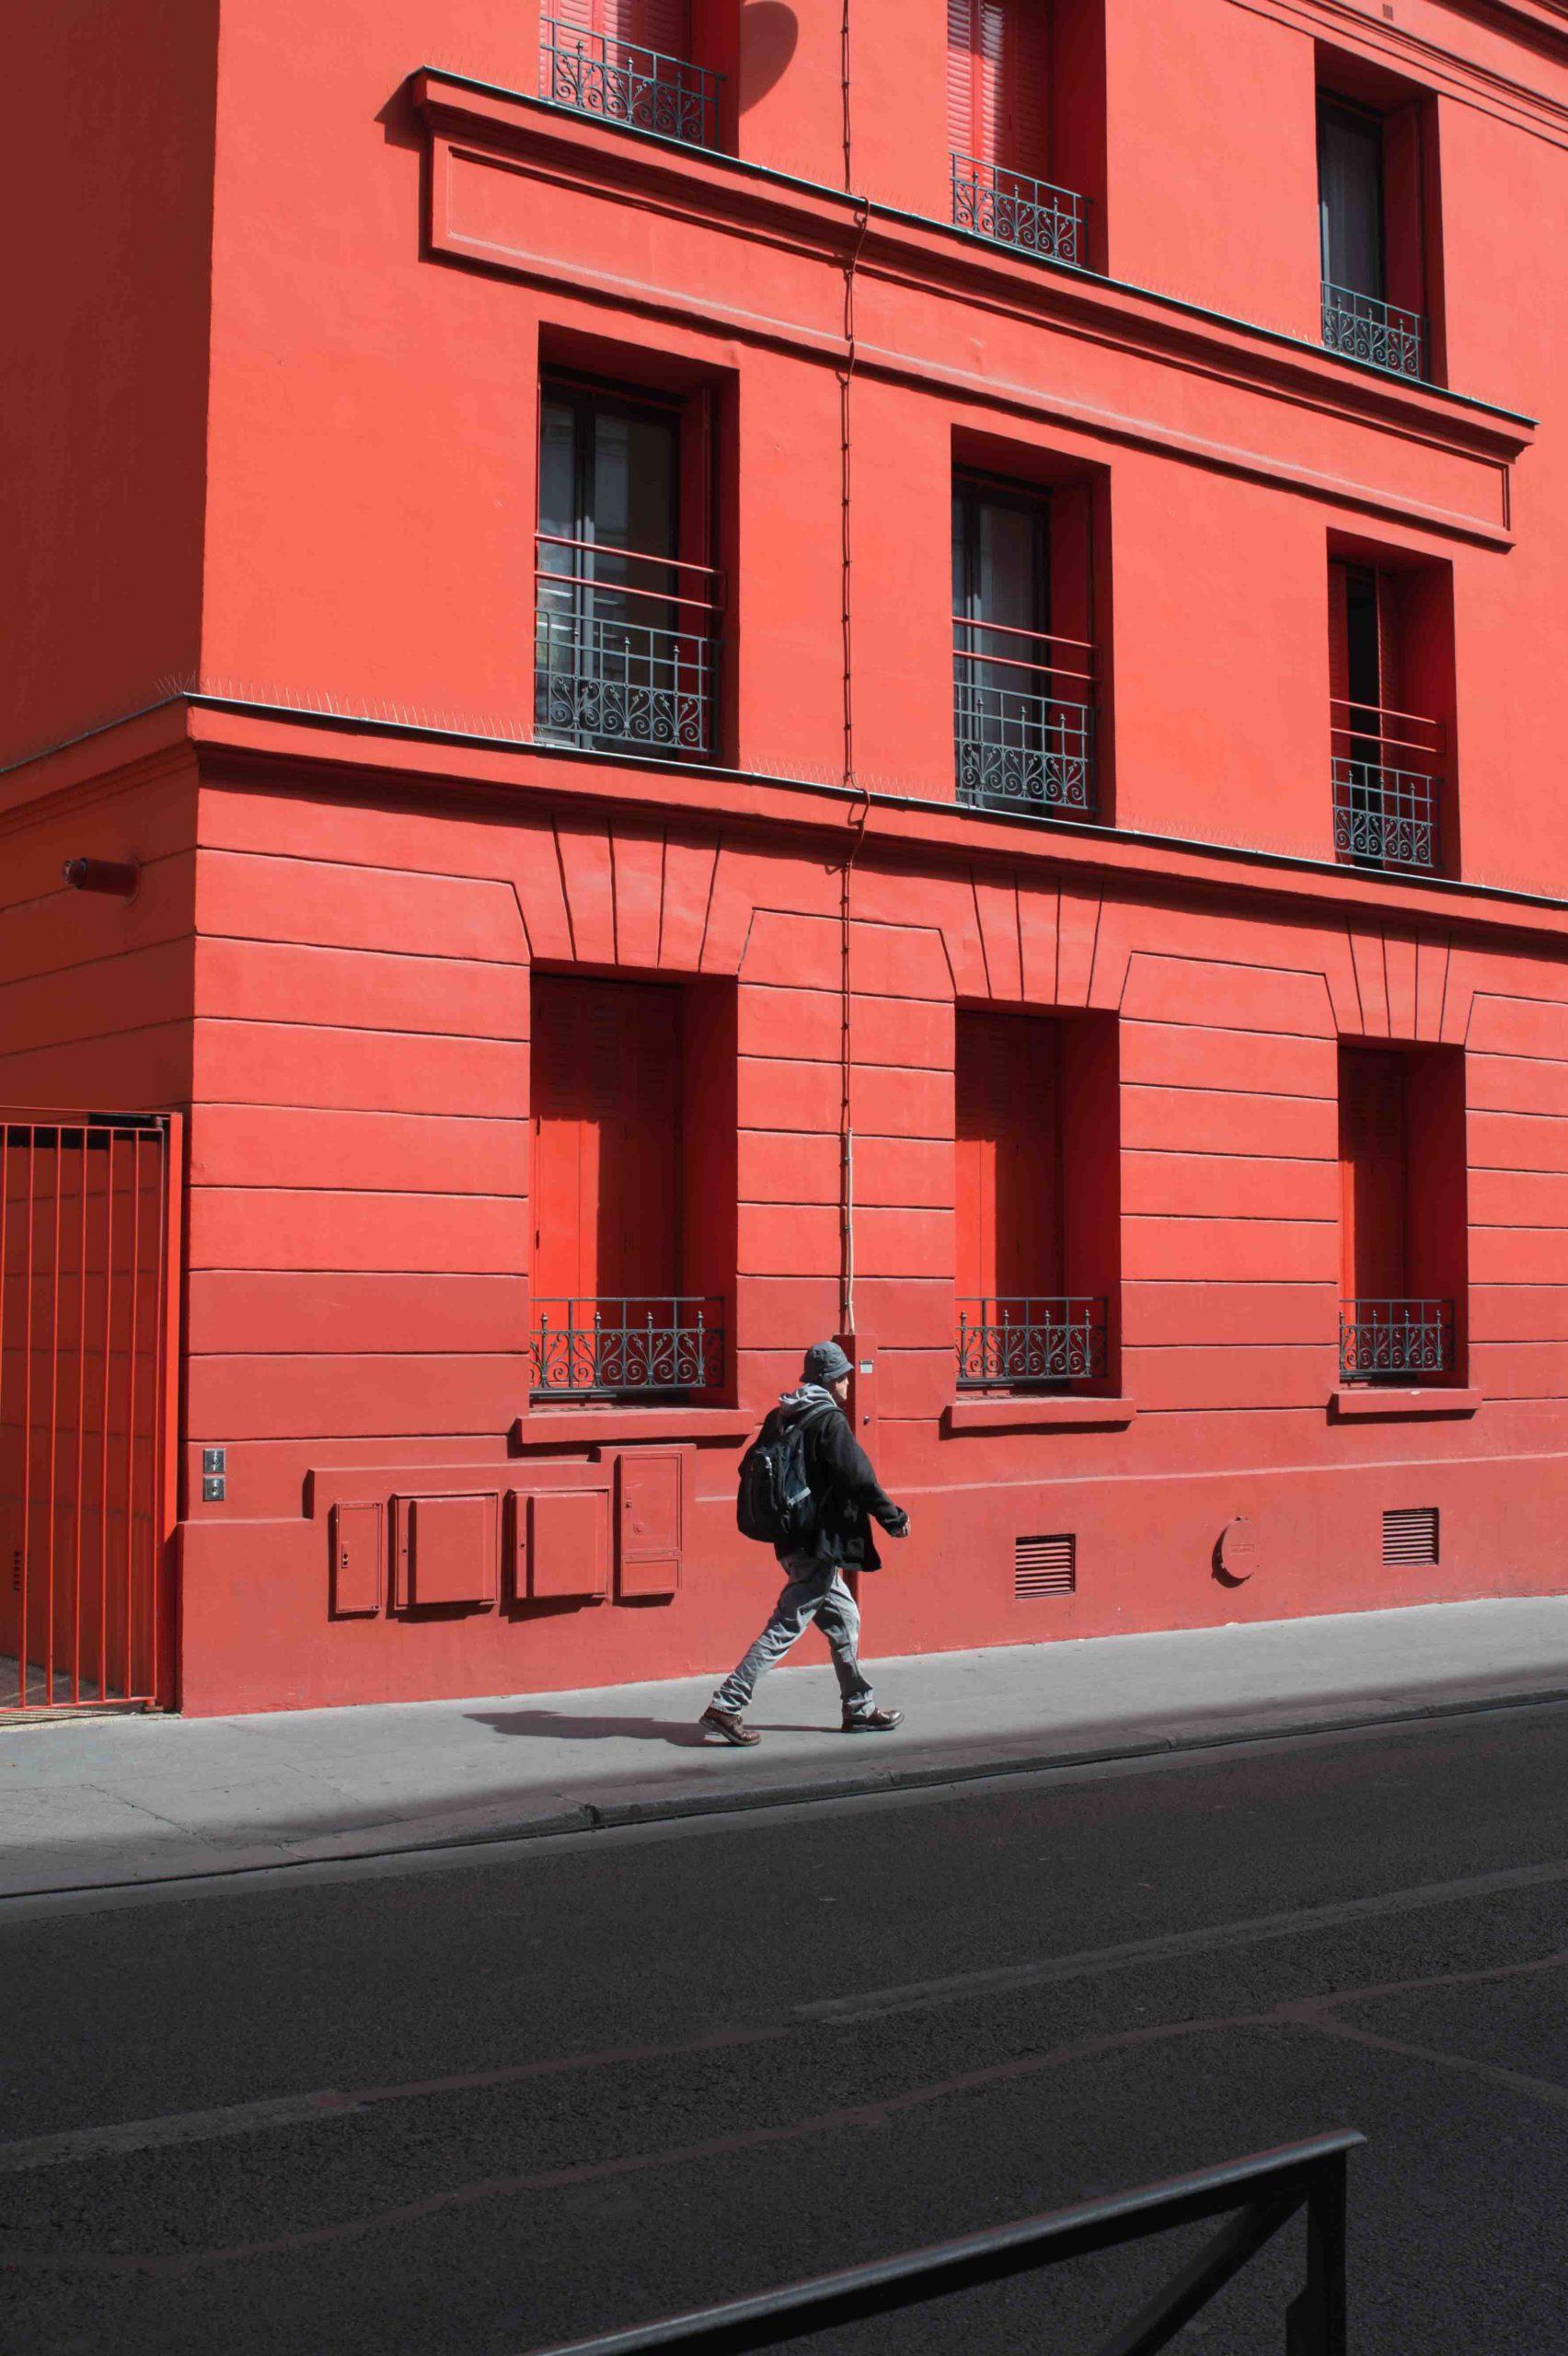 Cachan, photoclubcachan, club photo, club photo cachan, photographie, photo, photographie argentique, photographie numérique, galerie, photo de rue